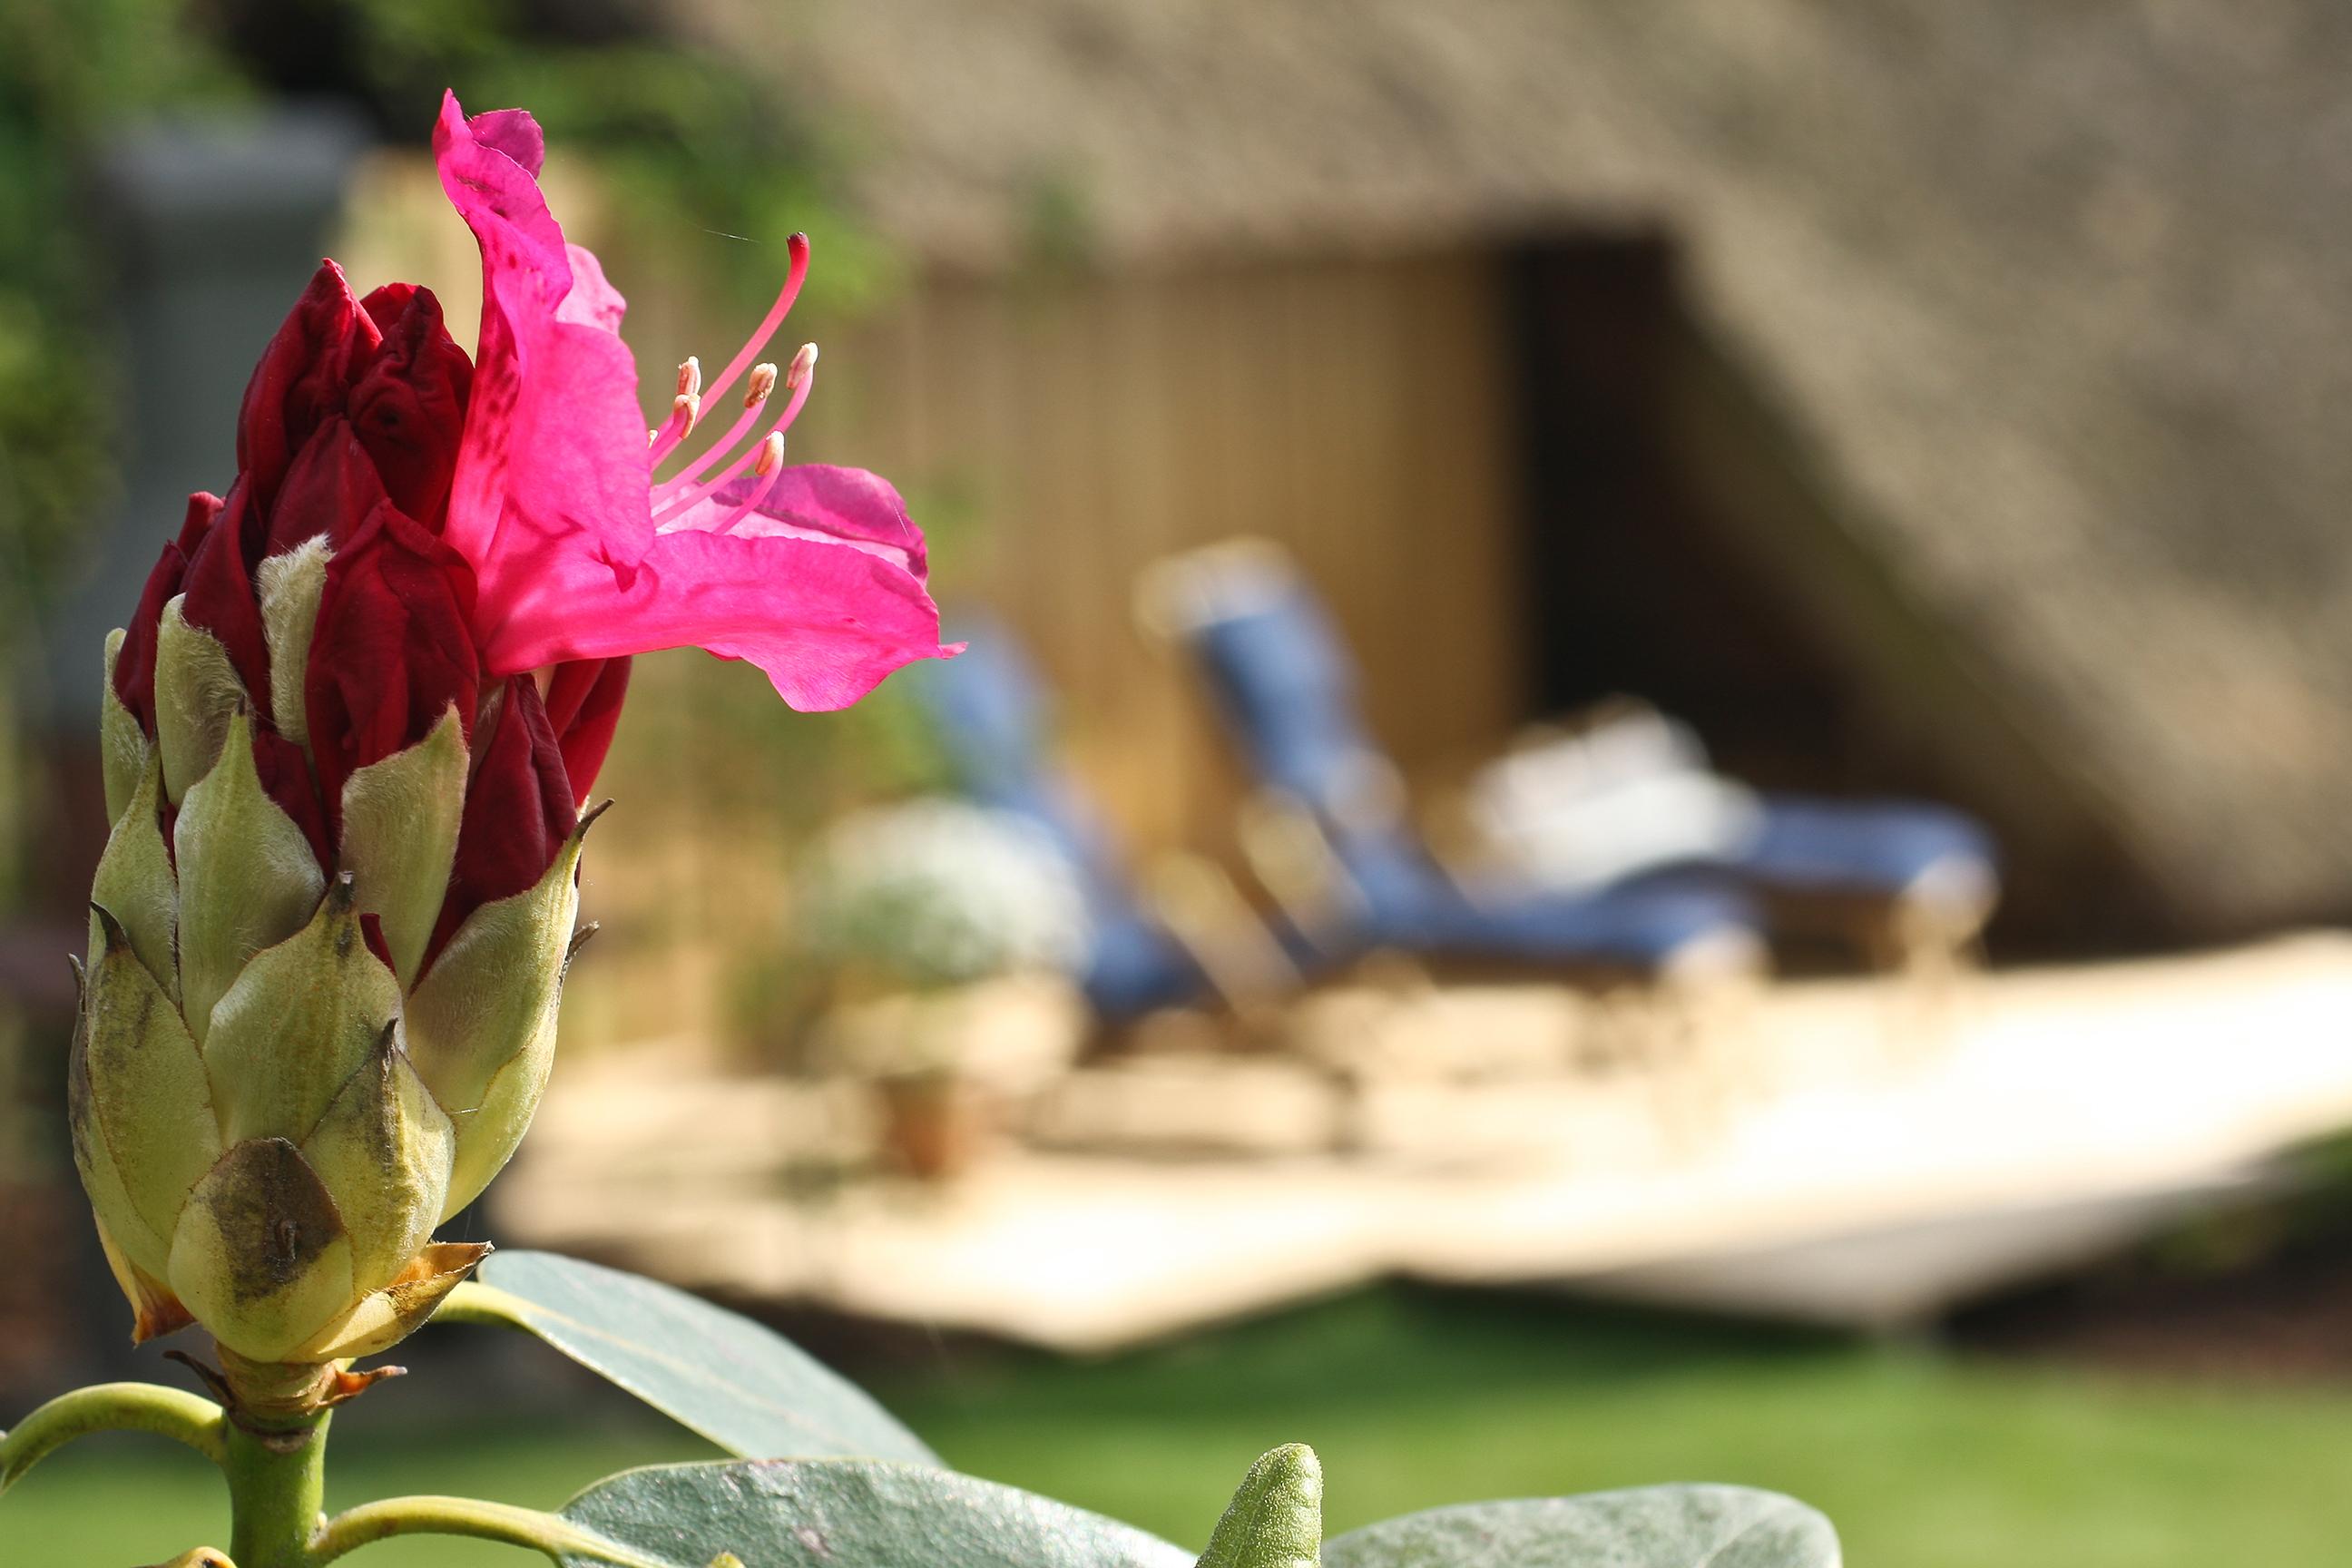 Blume mit Liegestühlen im Hintergrund